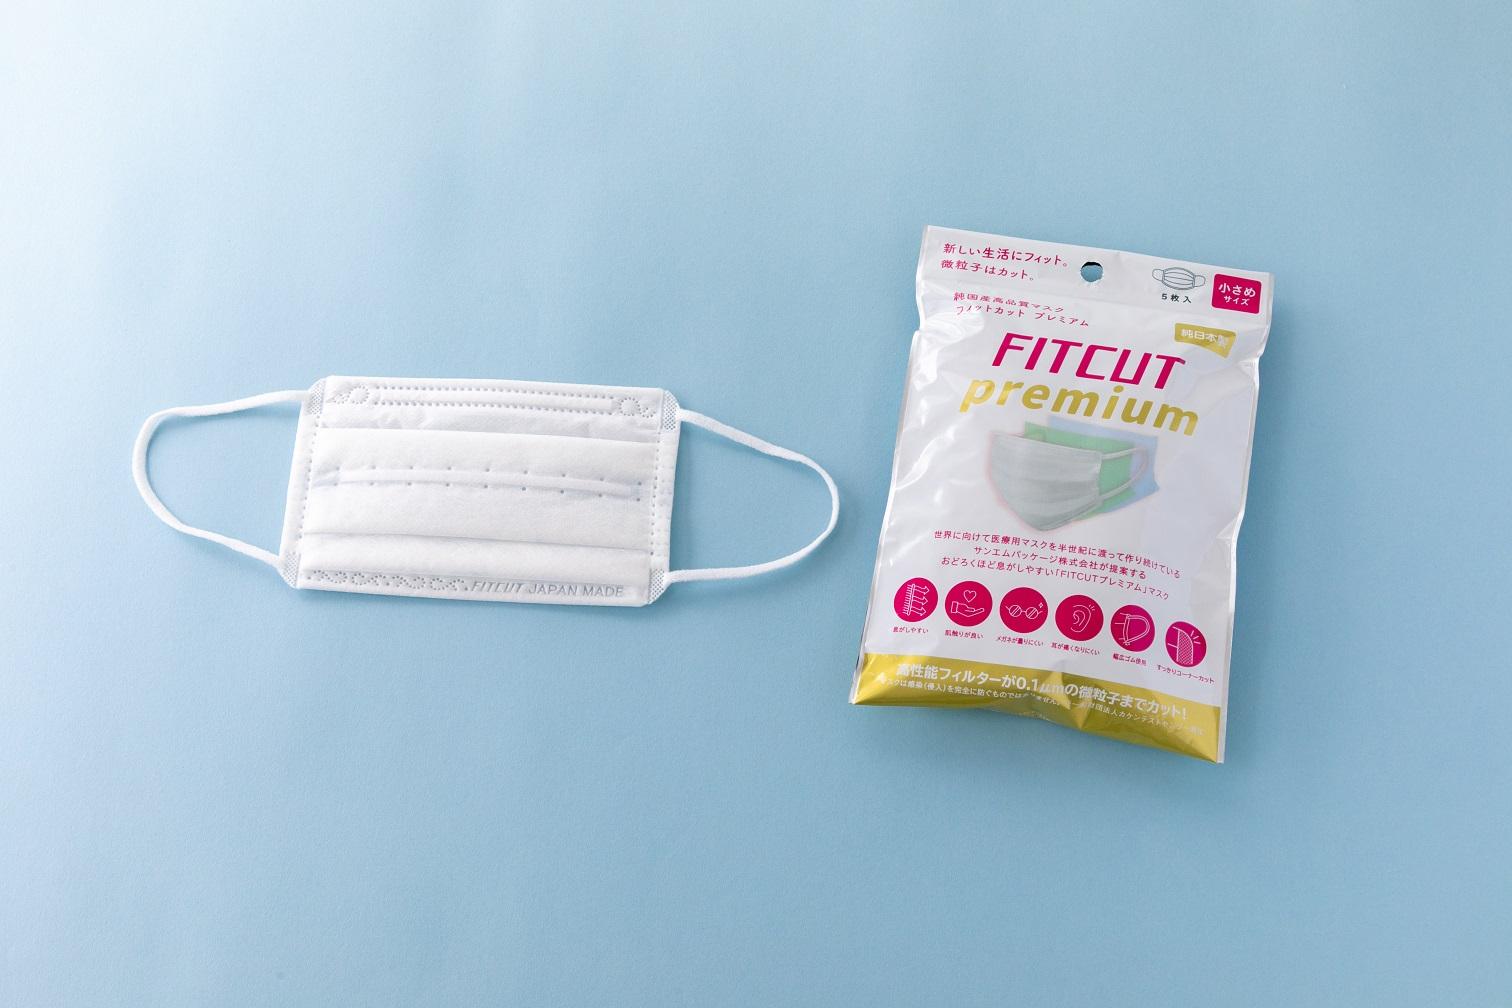 FITCUTプレミアム 小さめサイズ 5枚袋